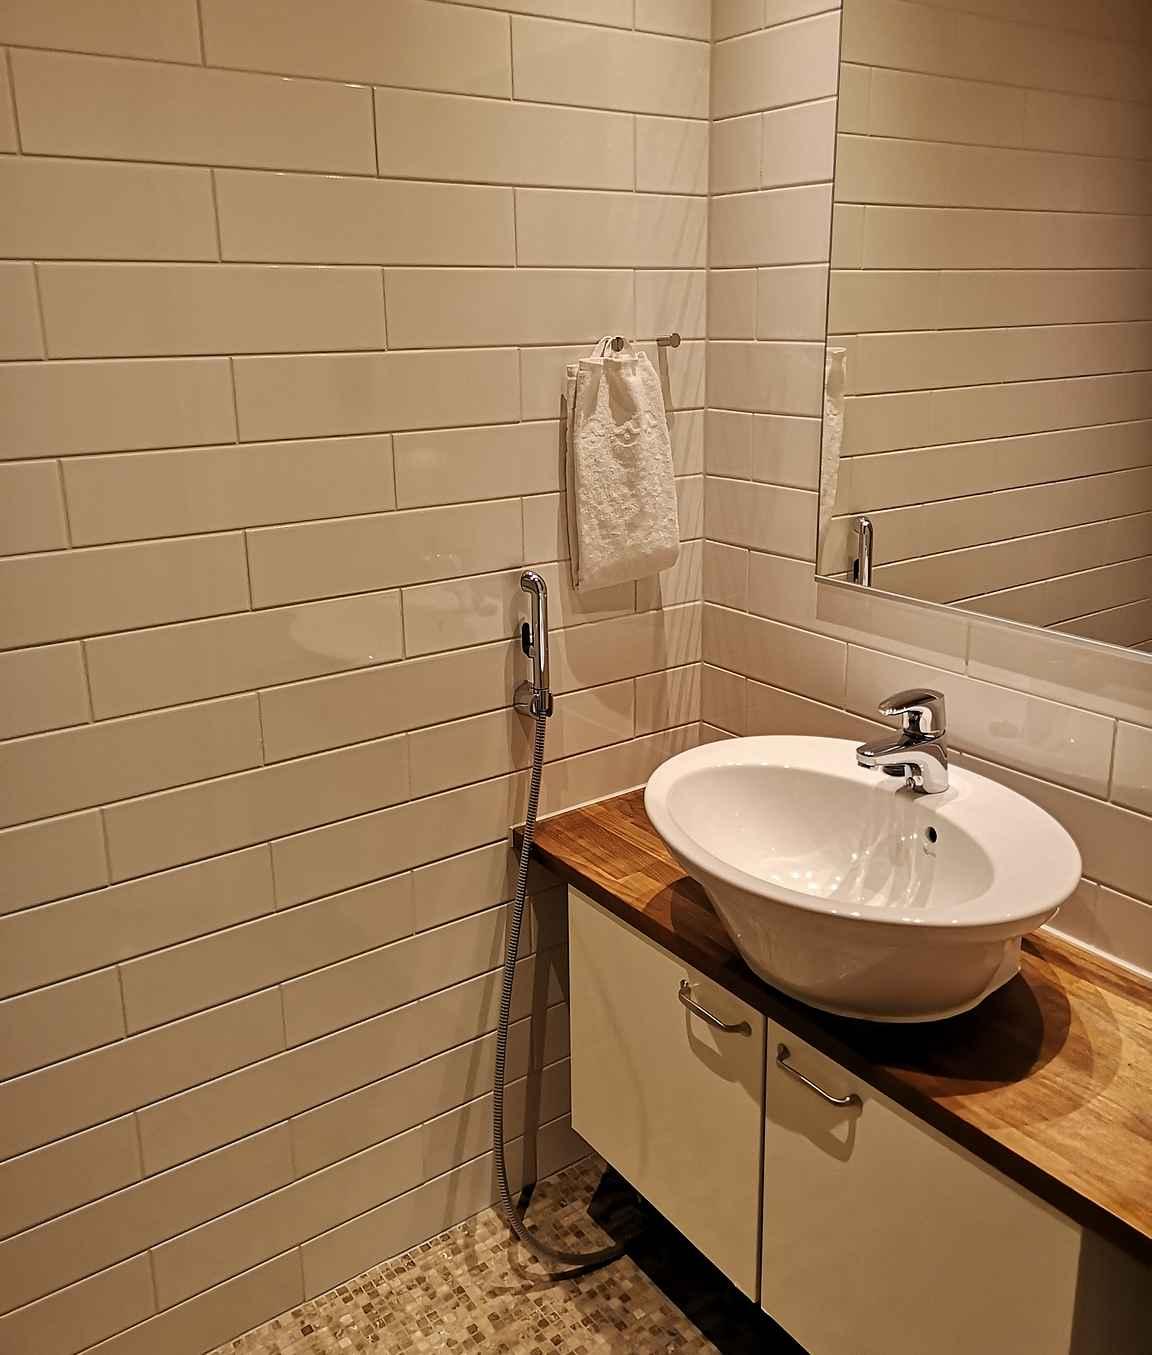 Kaiken kaikkiaan huoneistossa on neljä wc:tä, jotka olivat tyylikkäitä pelkistetyn skandinaavisia sisustukseltaan.